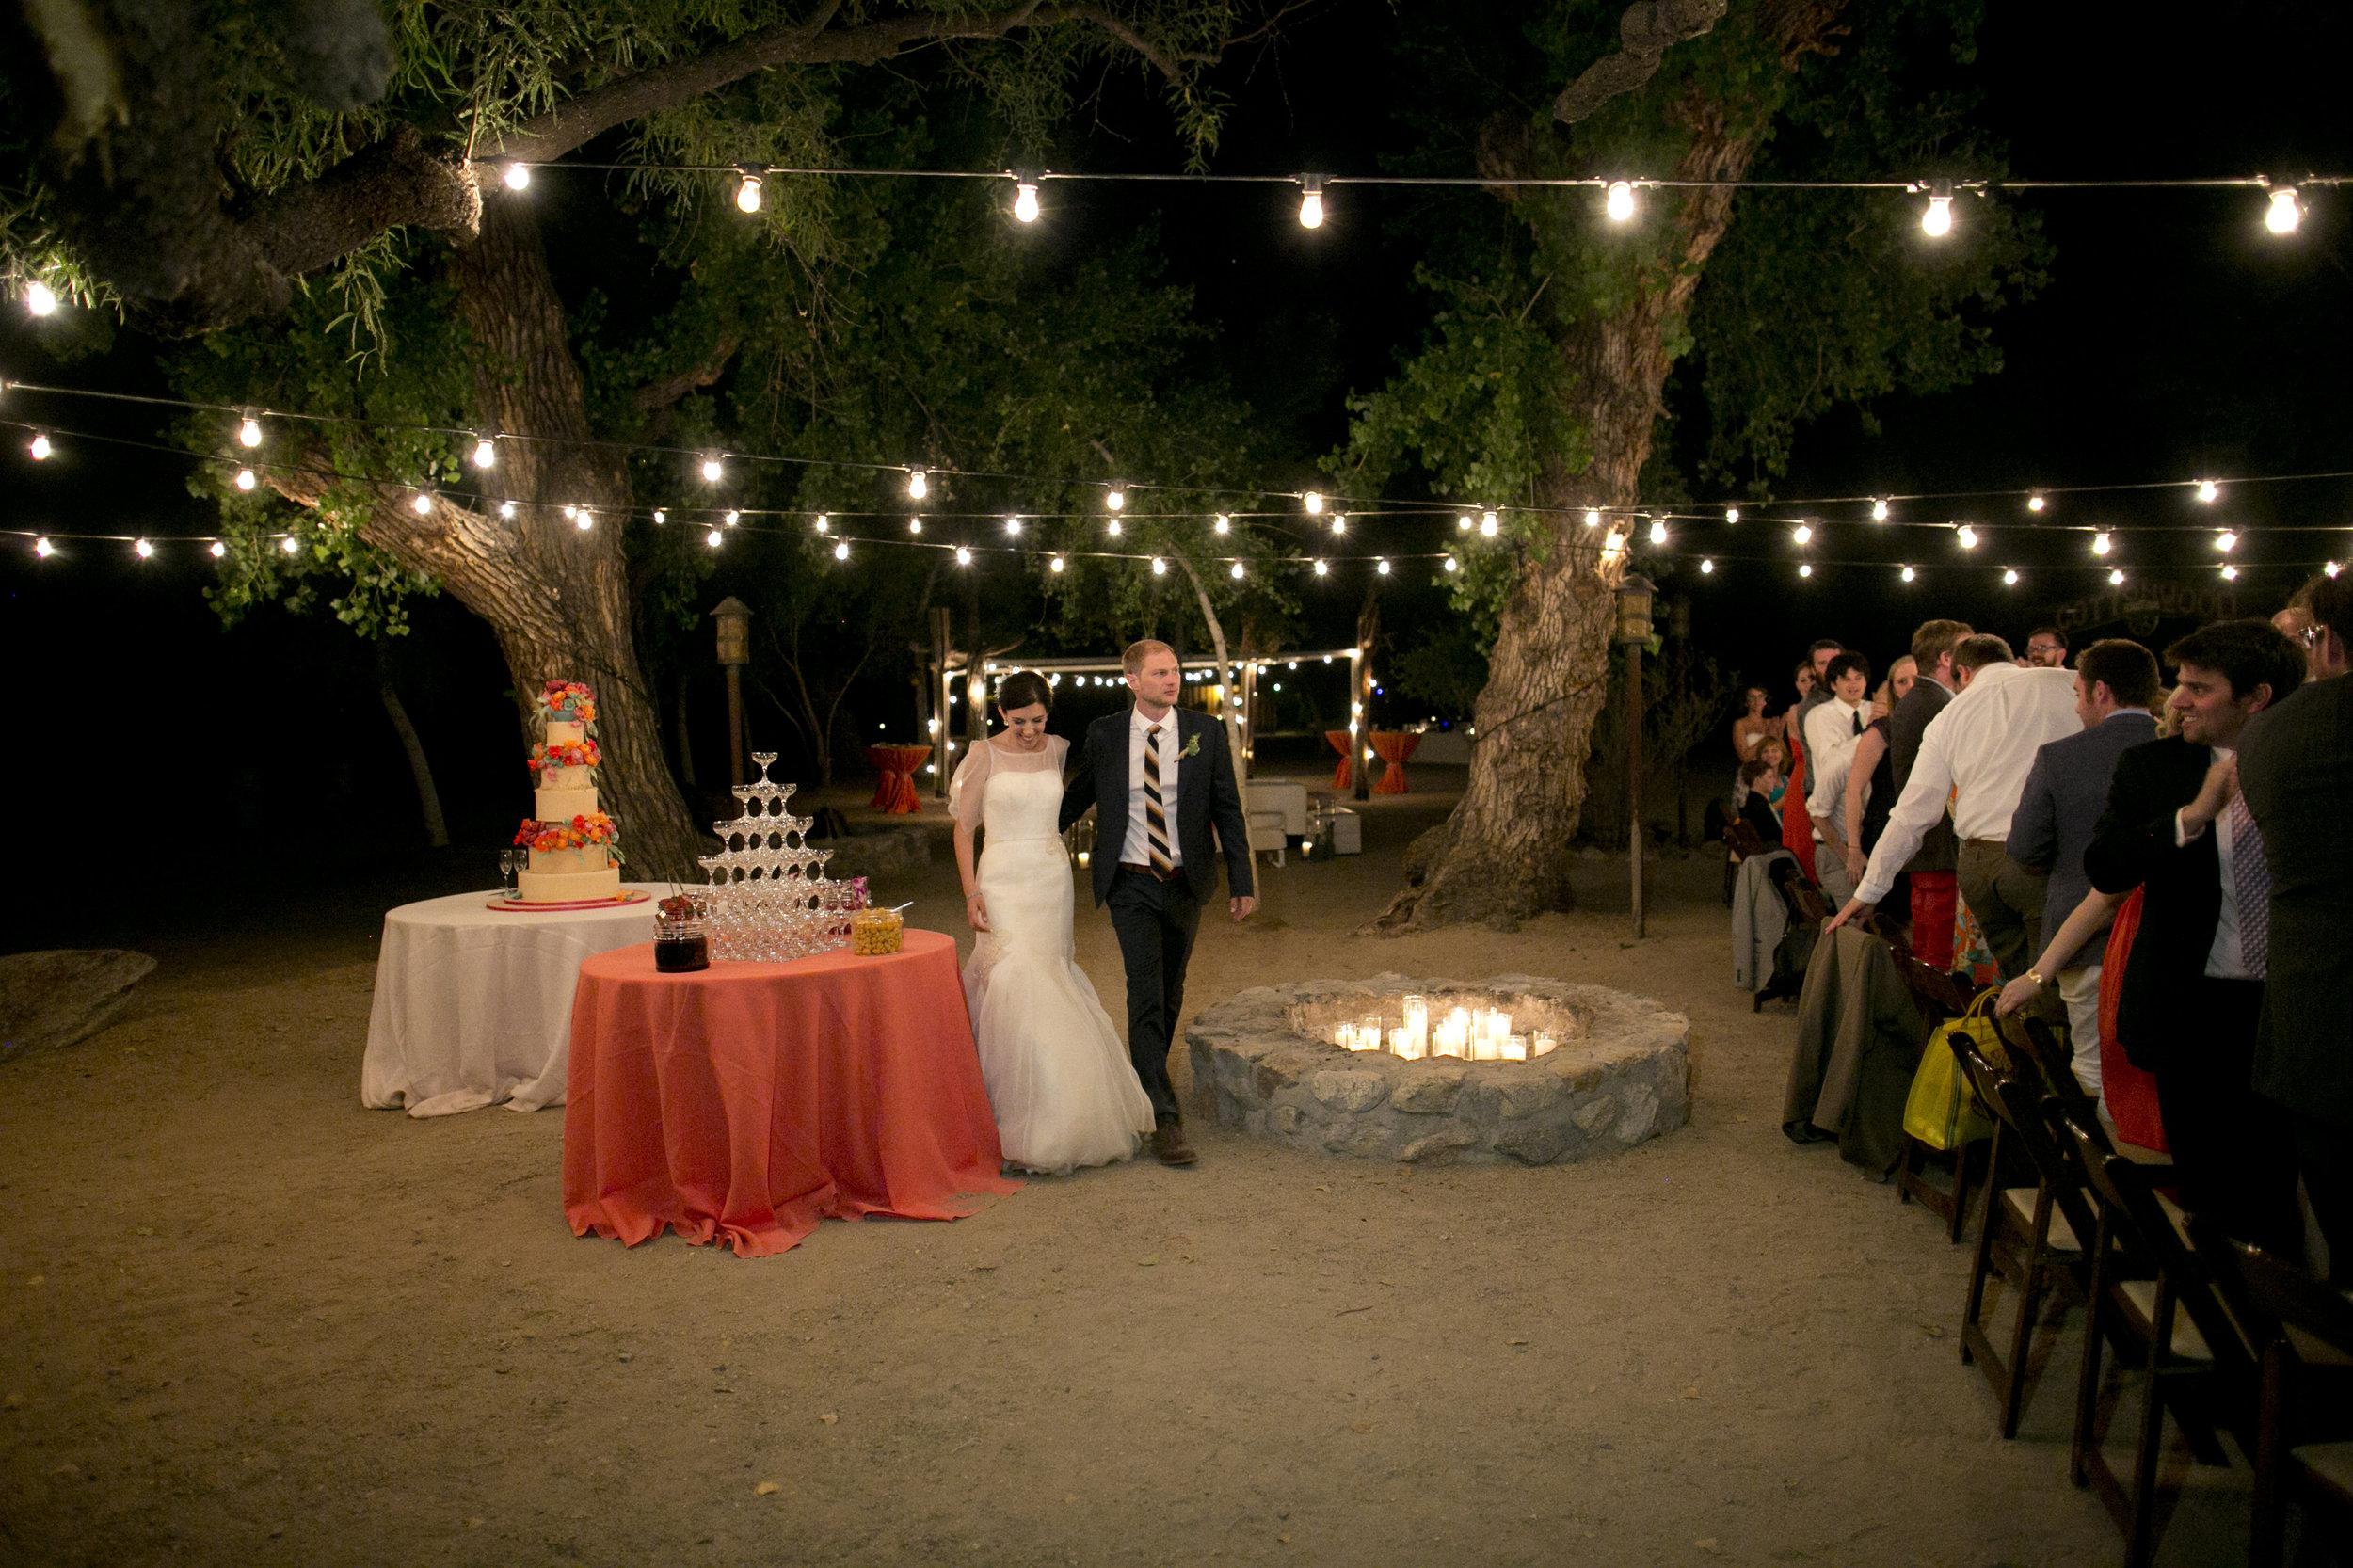 Ceci_New_York_Ceci_Style_Ceci_Johnson_Luxury_Lifestyle_Arizona_Wedding_Watercolor_Inspiration_Design_Custom_Couture_Personalized_Invitations_186.jpg